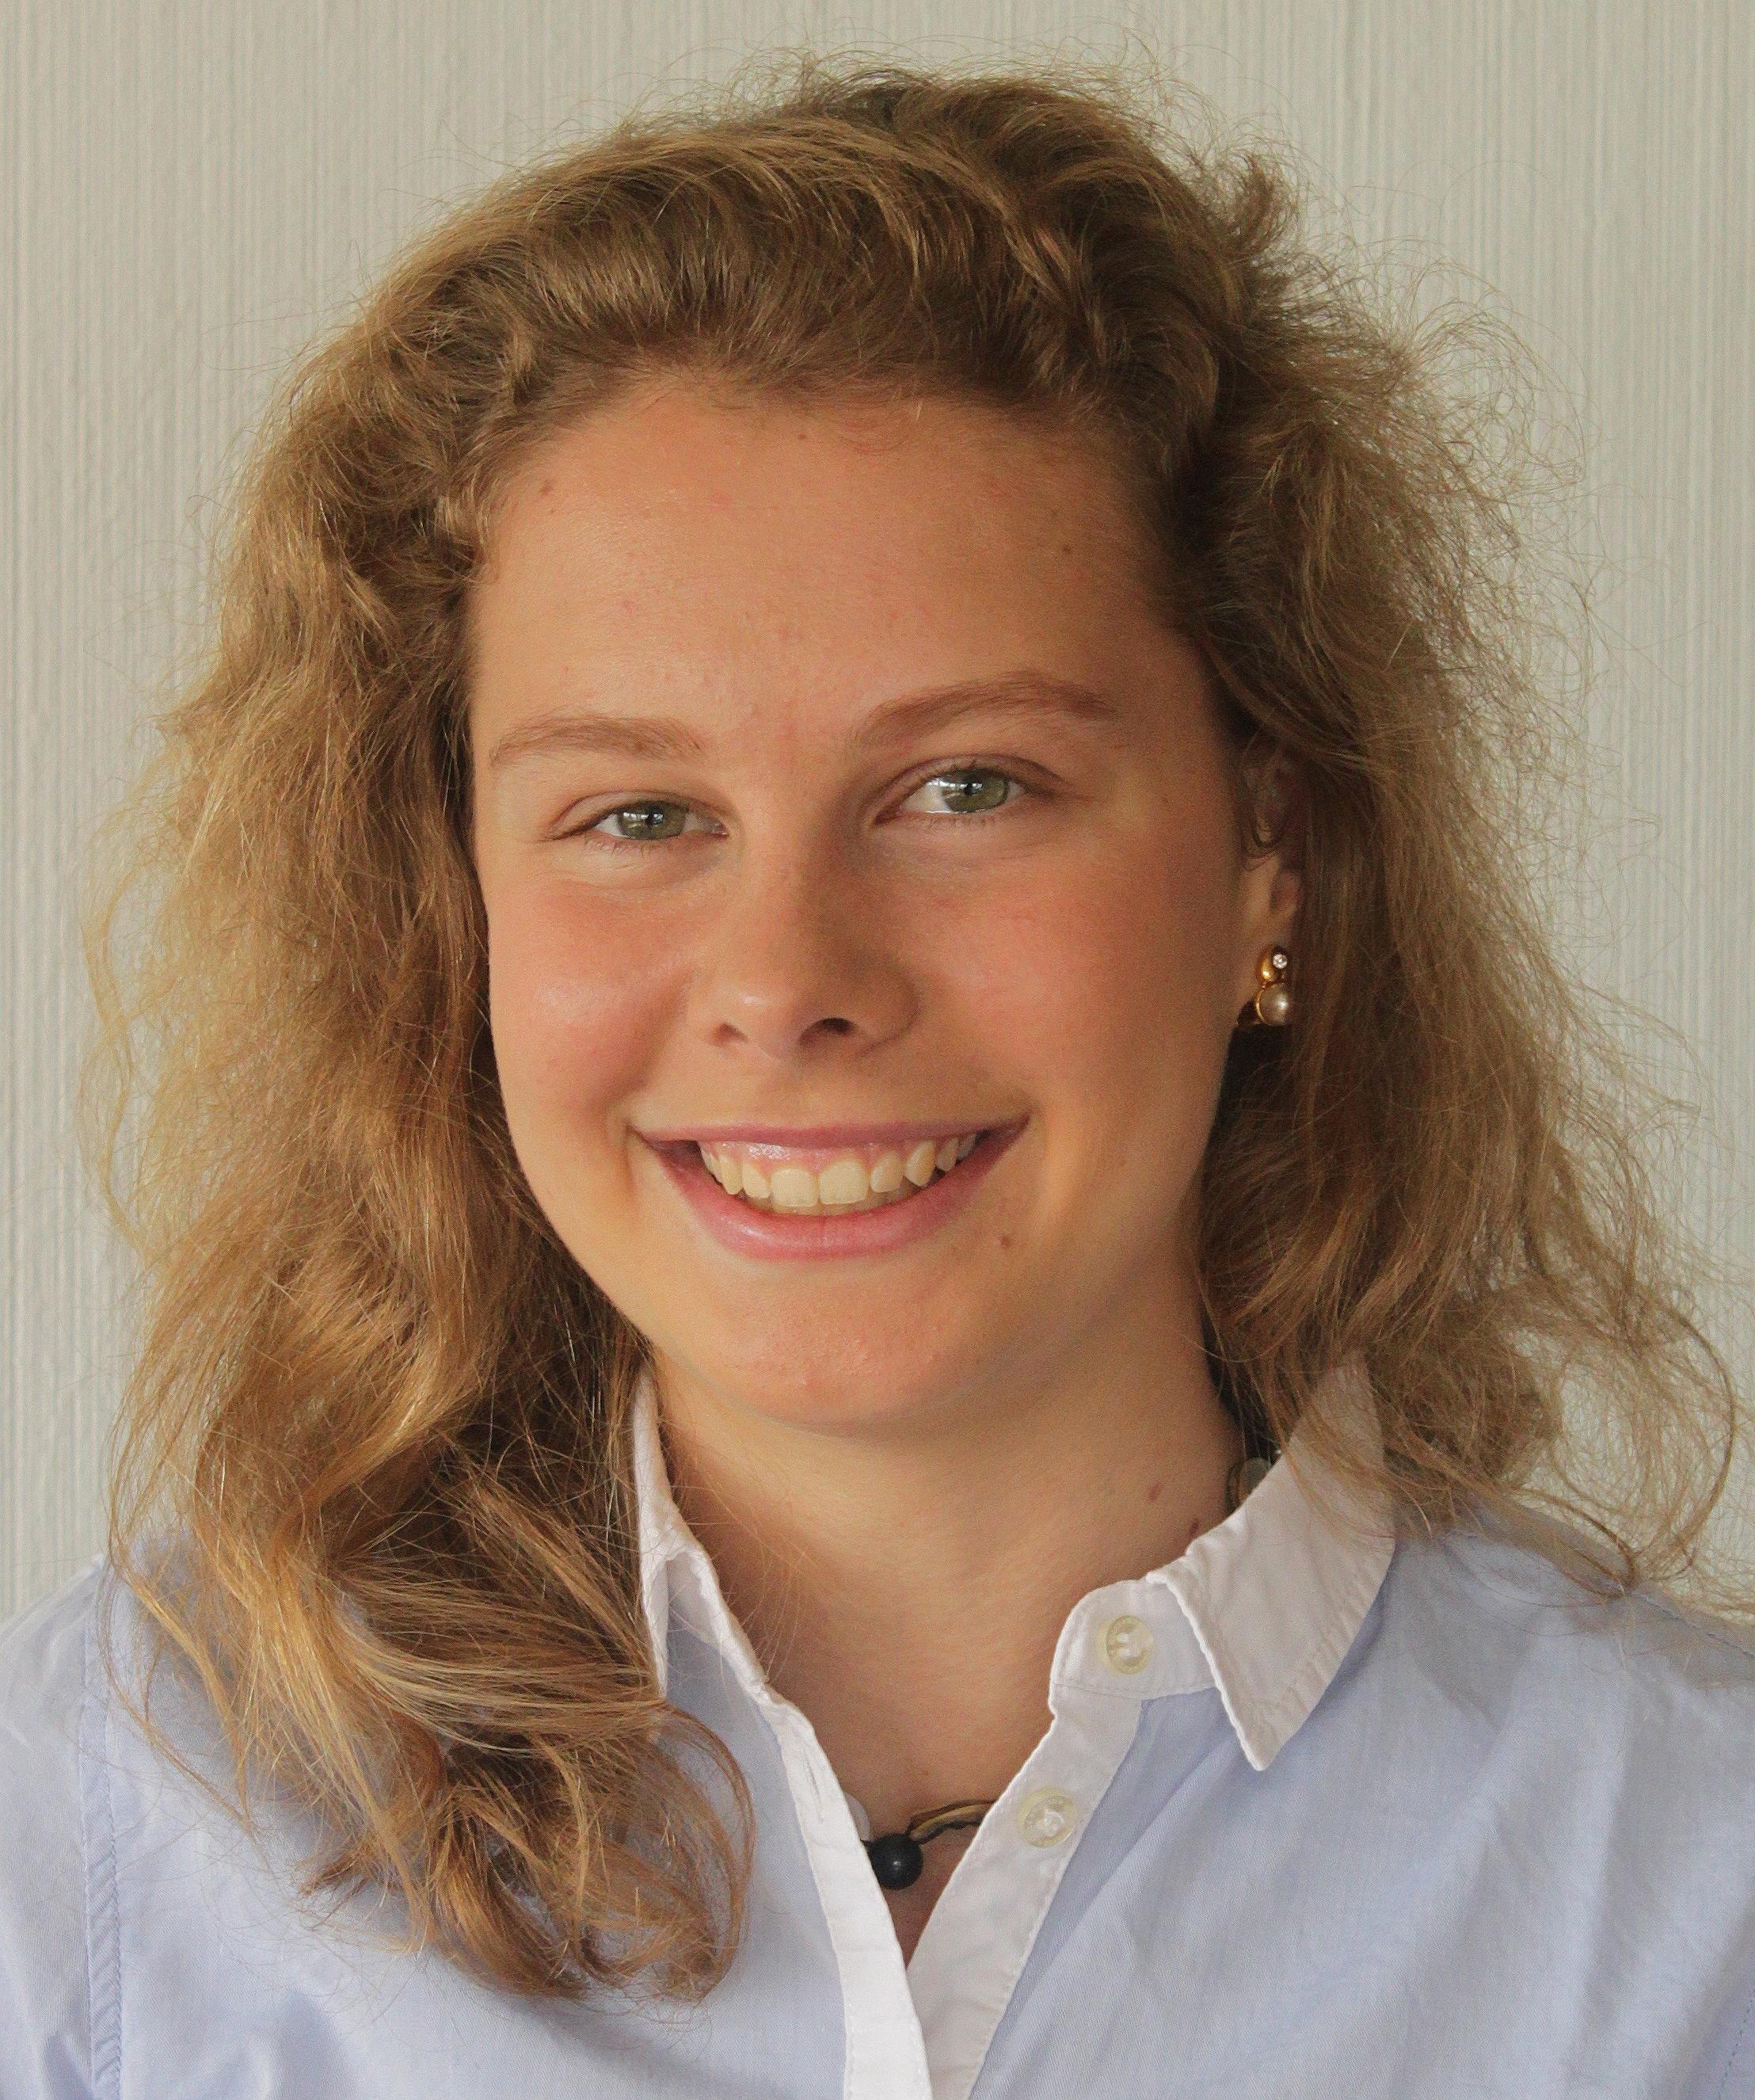 Miss Elisabeth Tutor